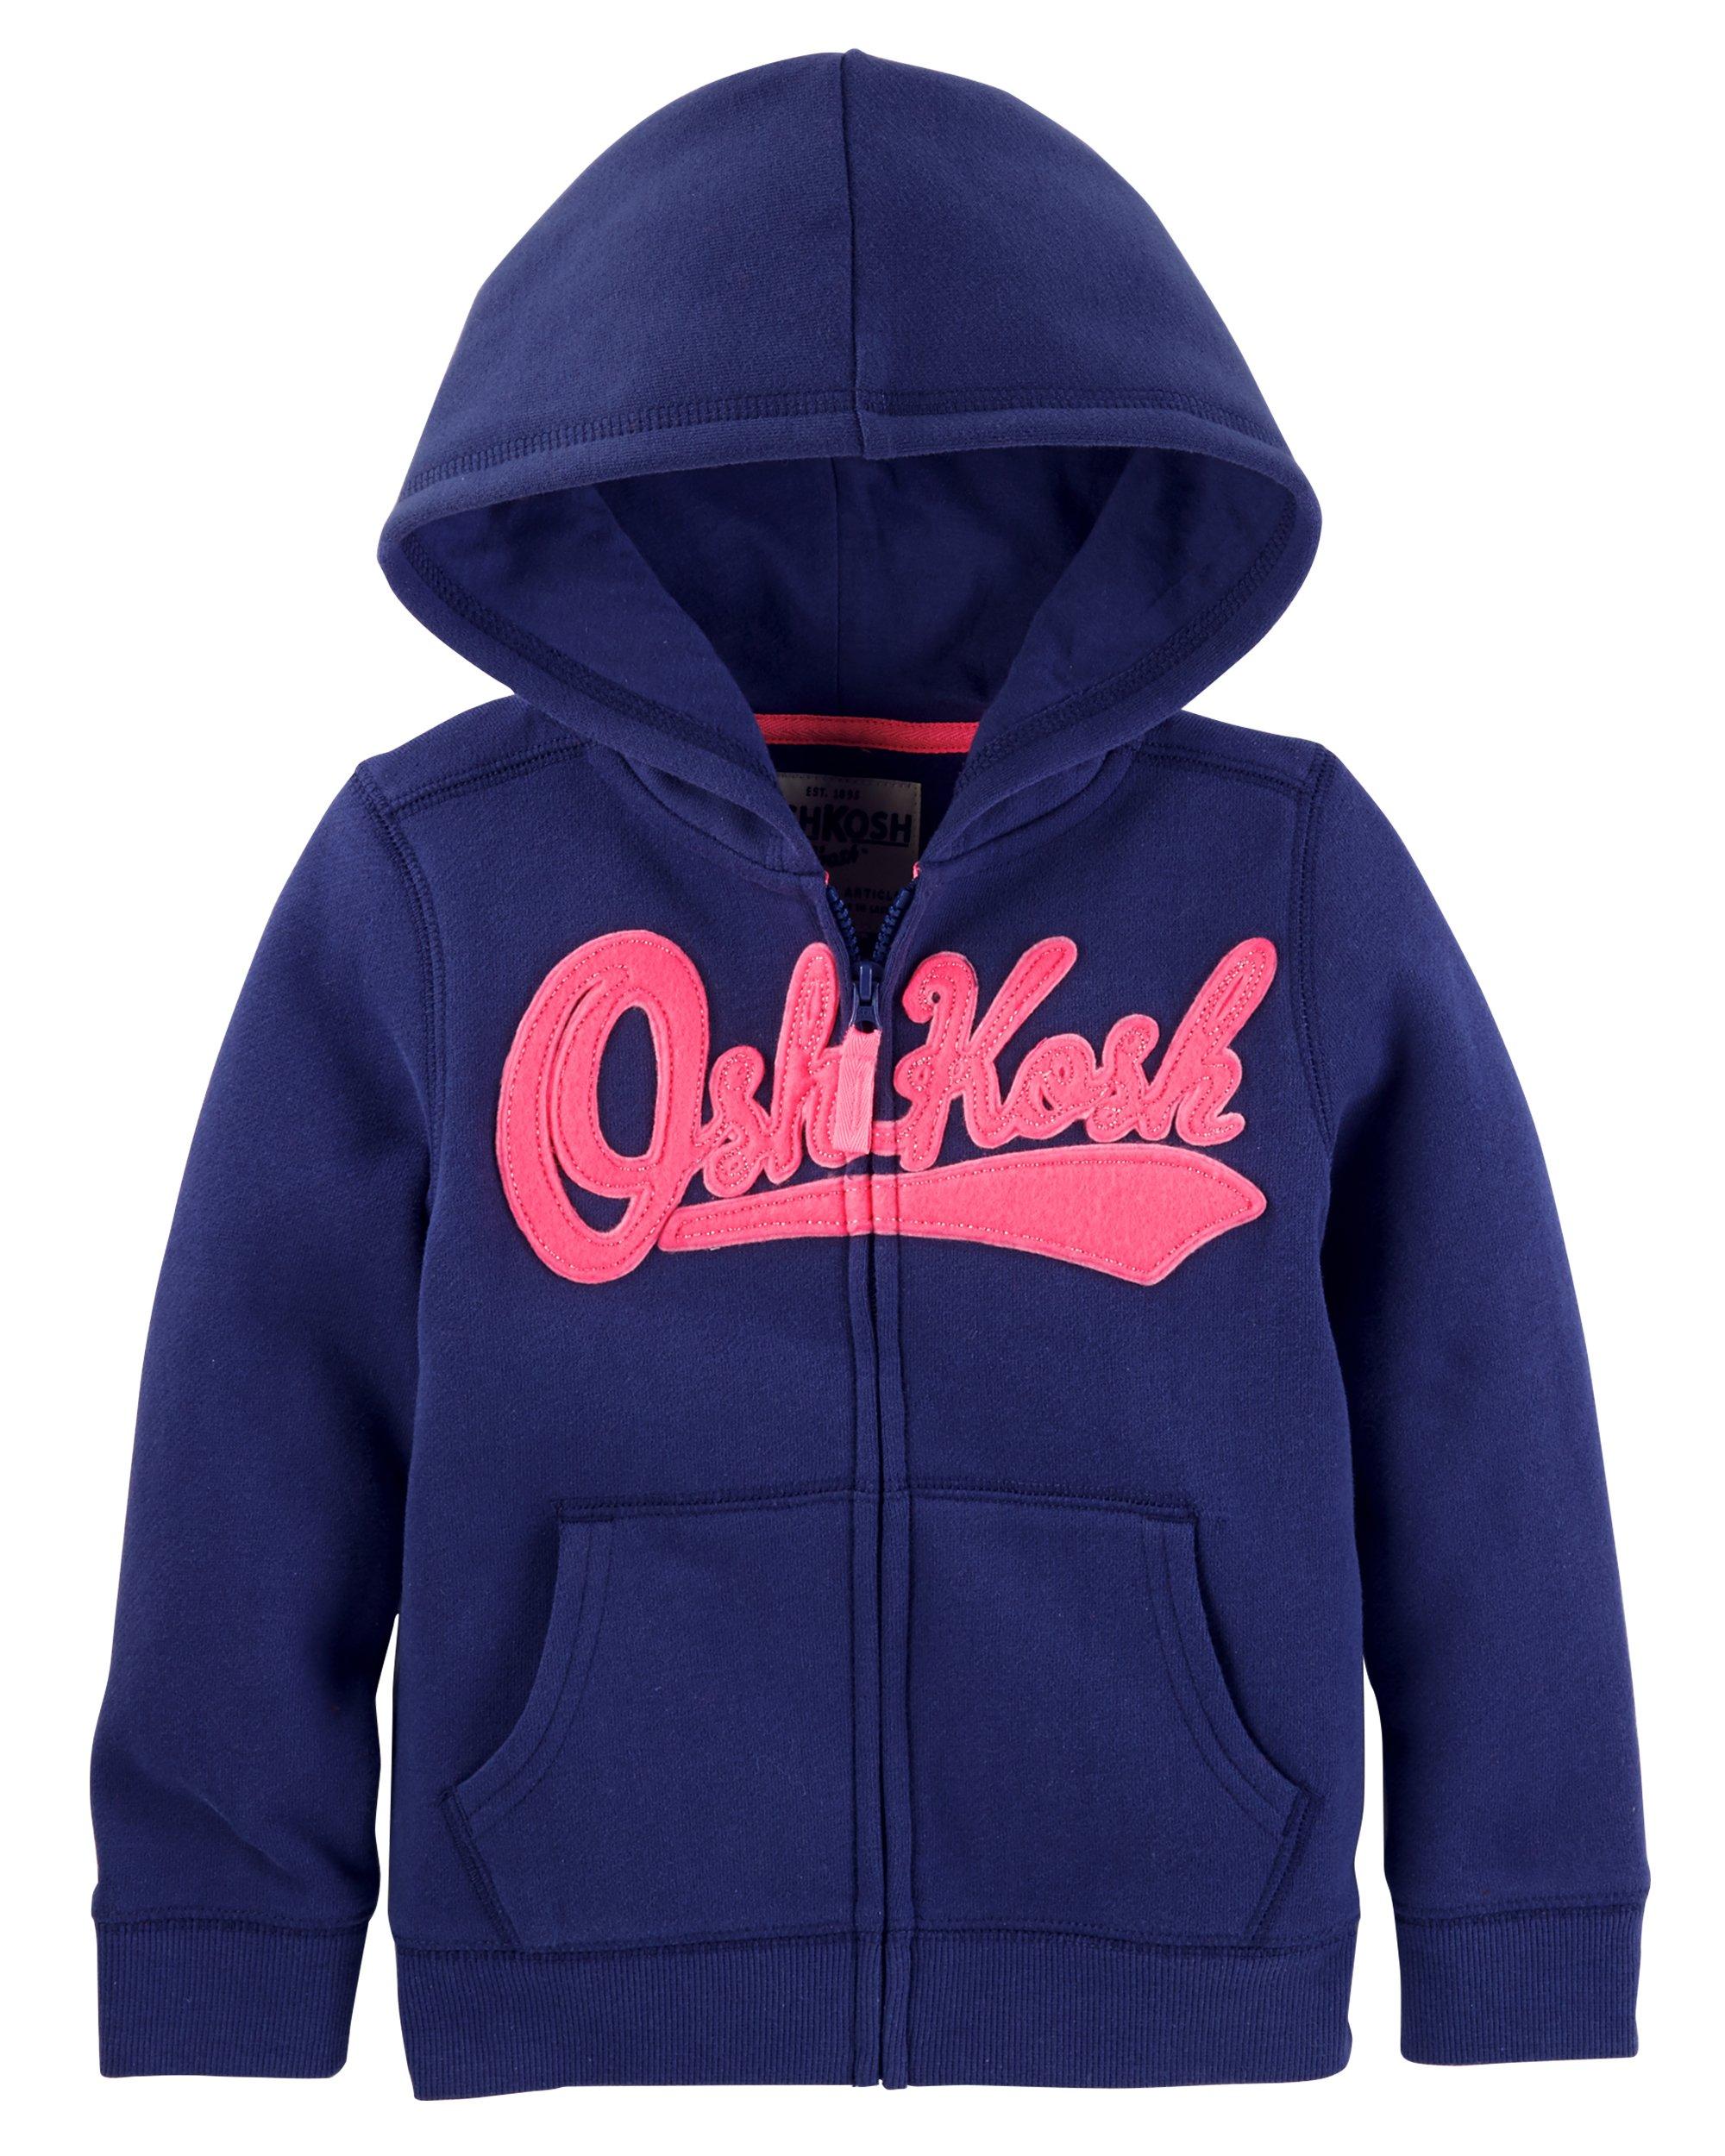 OshKosh B'Gosh Girls' Toddler Full Zip Logo Hoodie, Navy, 4T by OshKosh B'Gosh (Image #1)